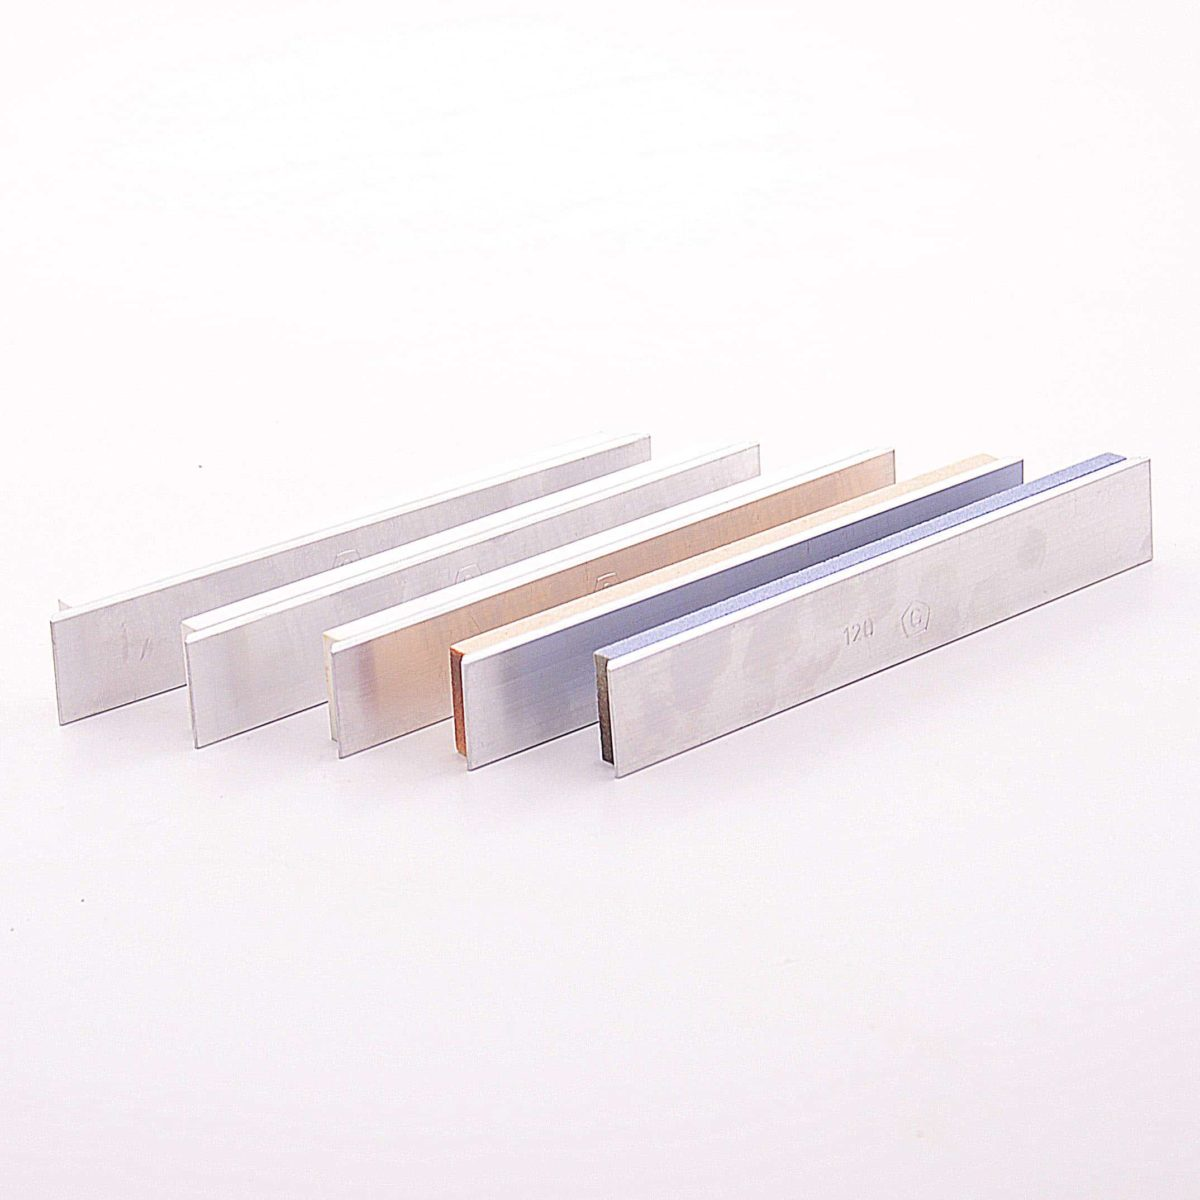 Комплект абразивных брусков из оксида алюминия GRINDERMAN 25 мм (ОА) 2